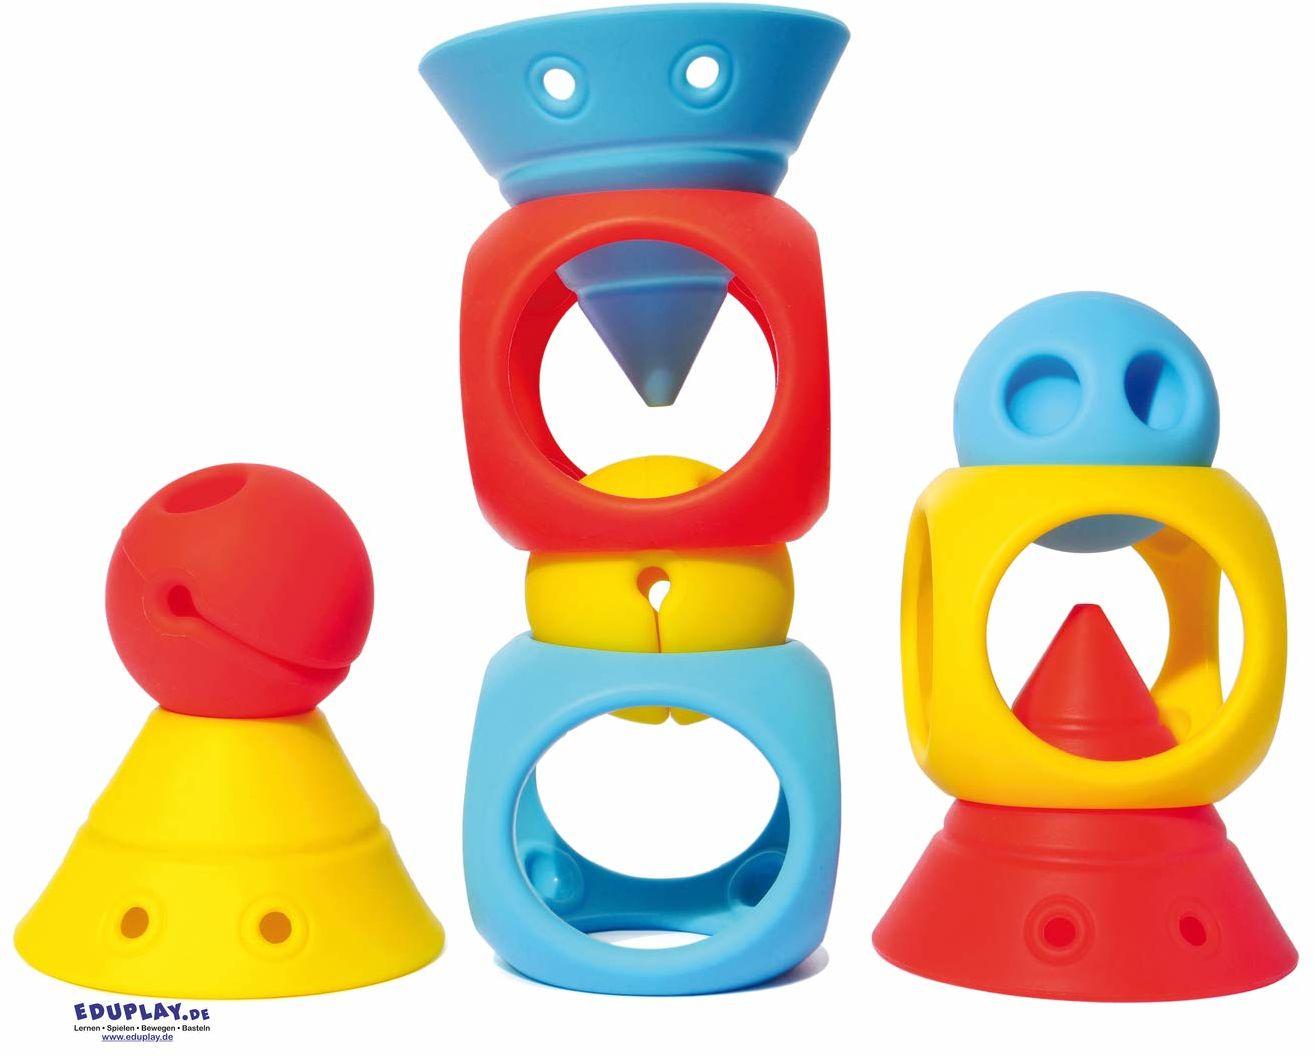 Moluk 2843430 Building Genius, zabawka edukacyjna, zabawka konstrukcyjna, klocki z miękkiego silikonu, od 0+ miesięcy